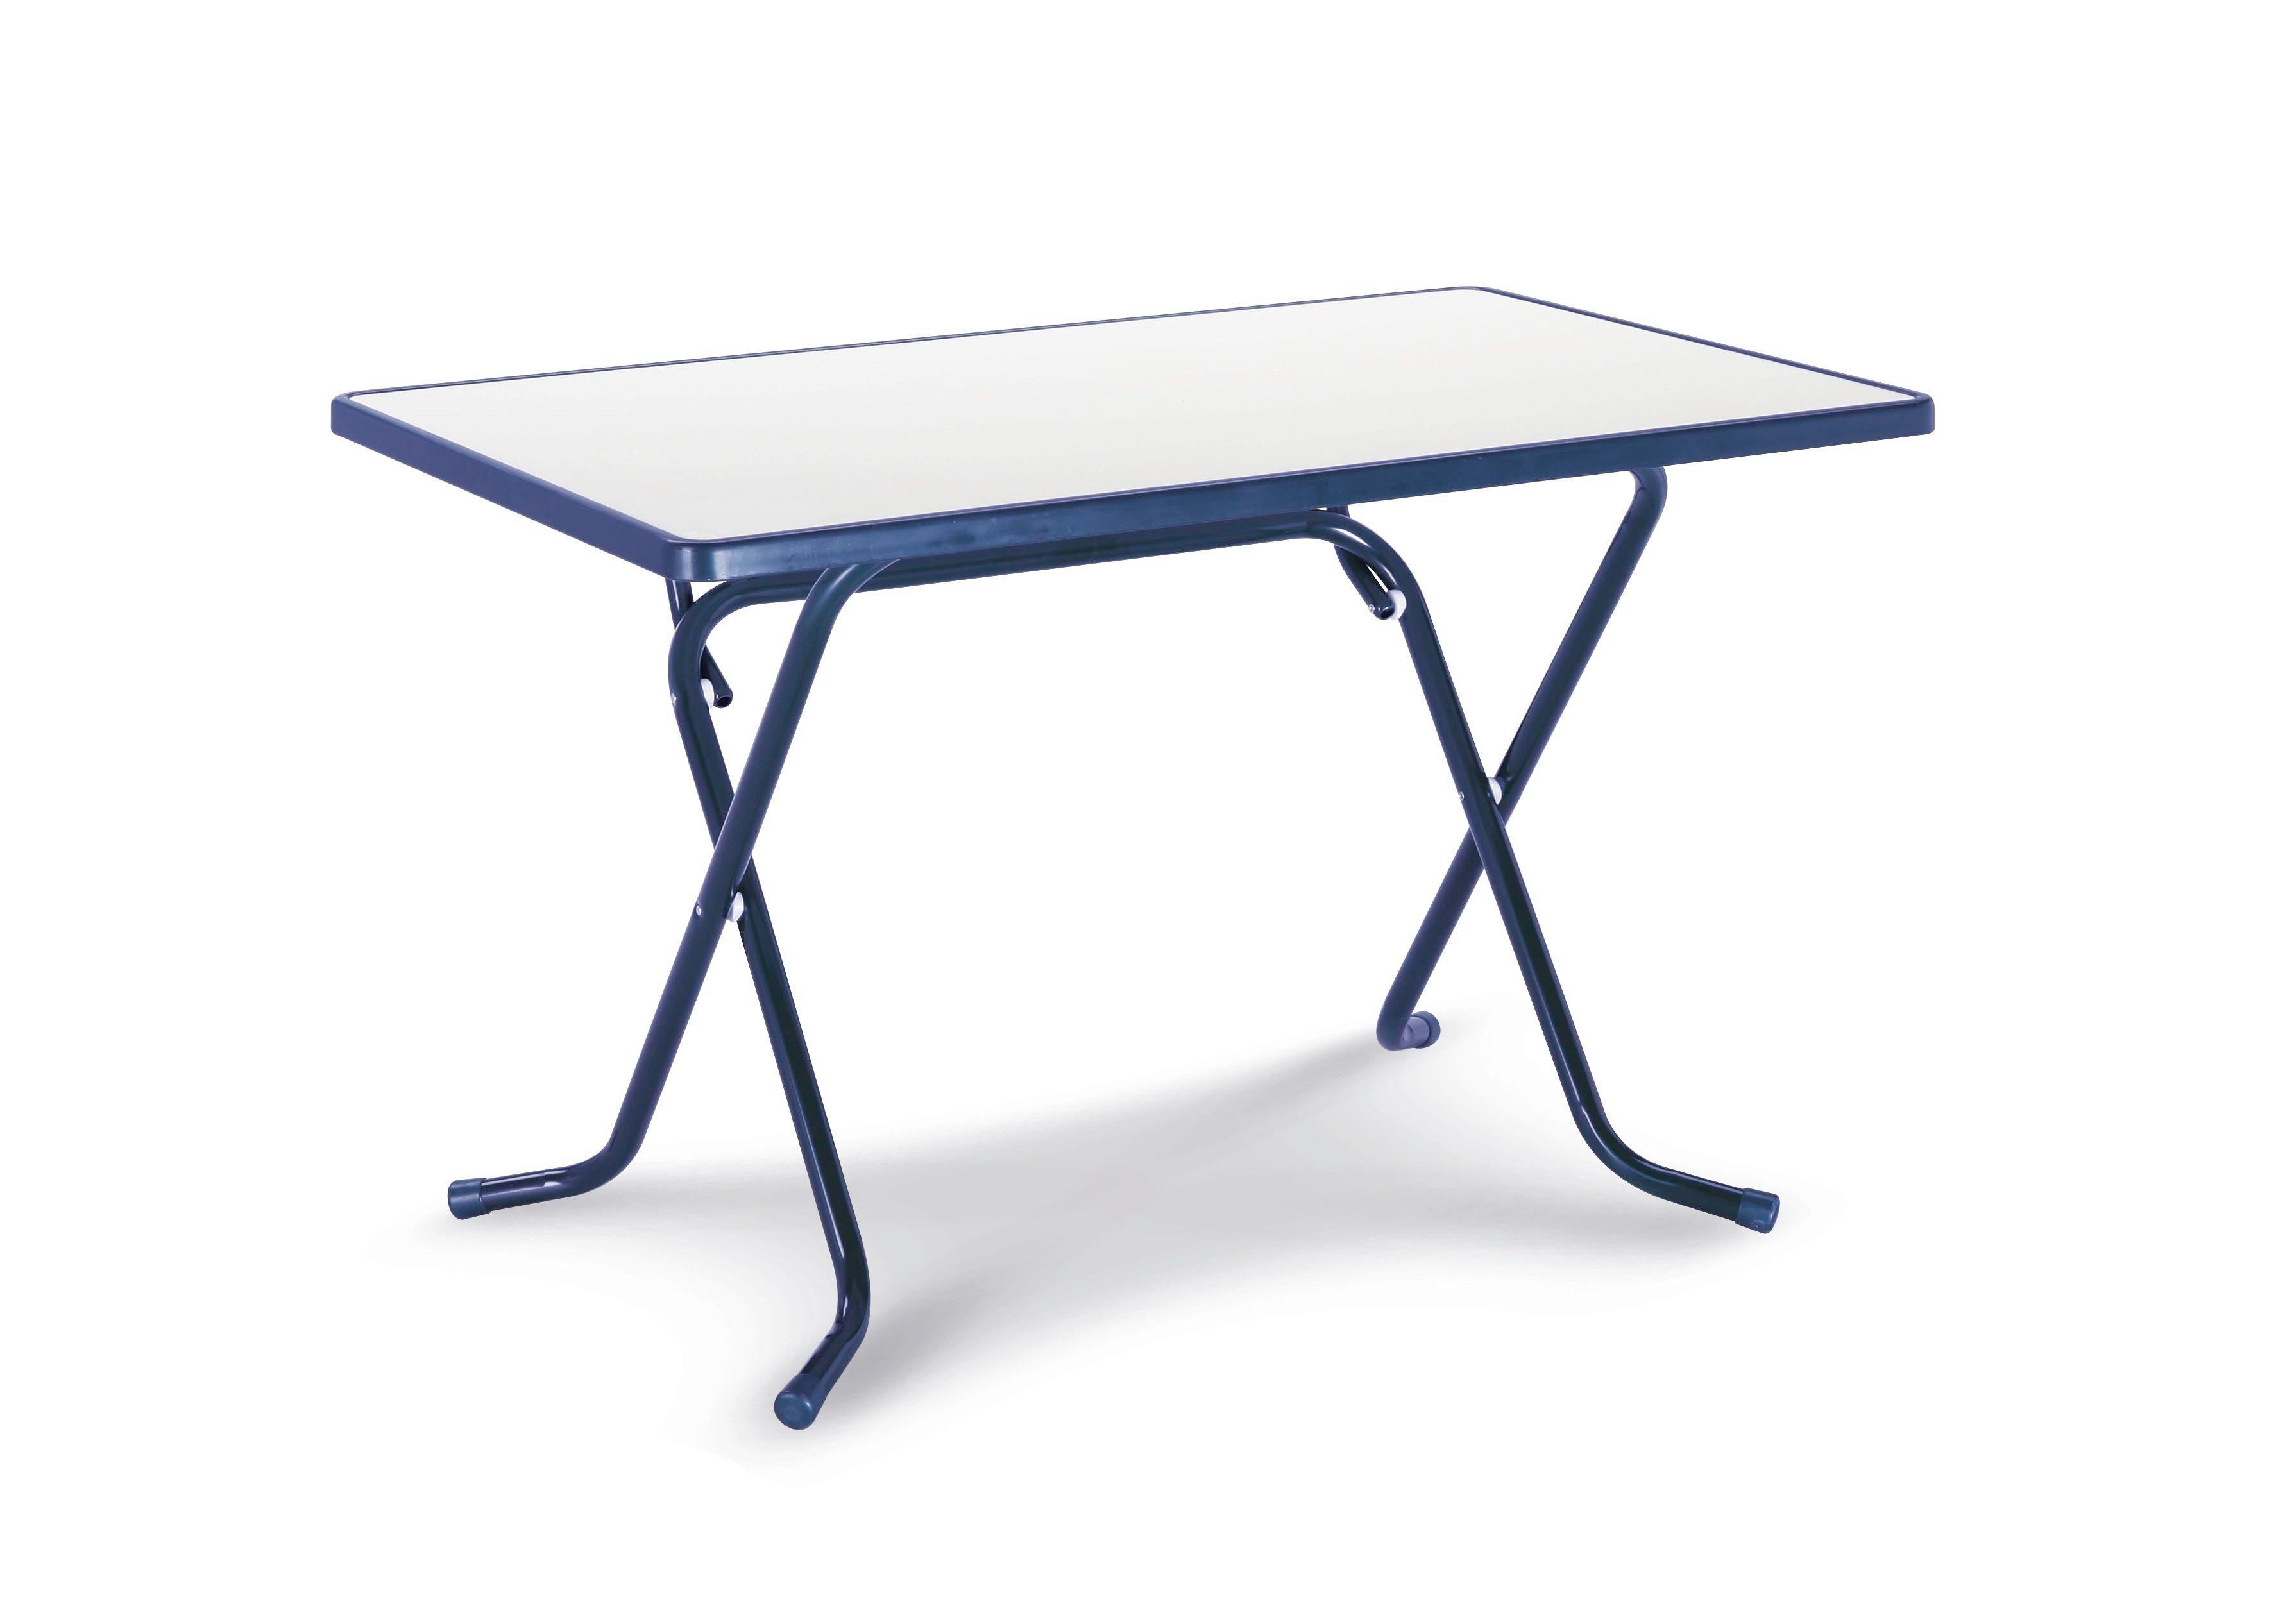 Best Gartentisch »Primo«, klappbar, Stahl/Kunststoff, 110x70 cm, blau